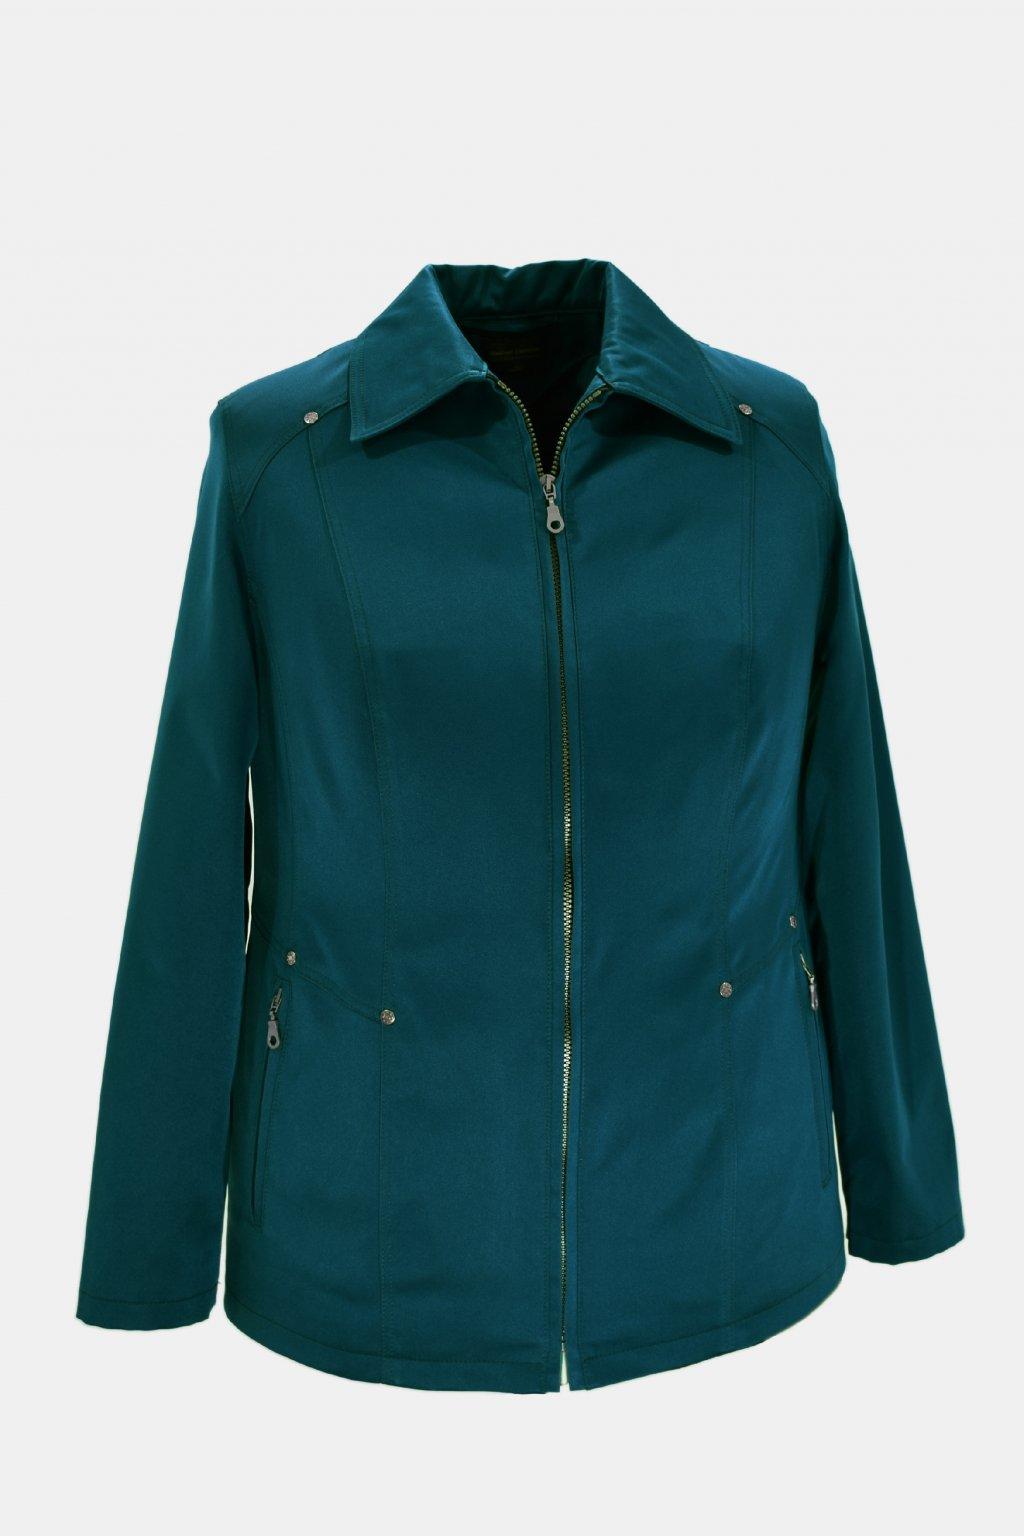 Dámská petrolová jarní bunda Hana nadměrné velikosti.